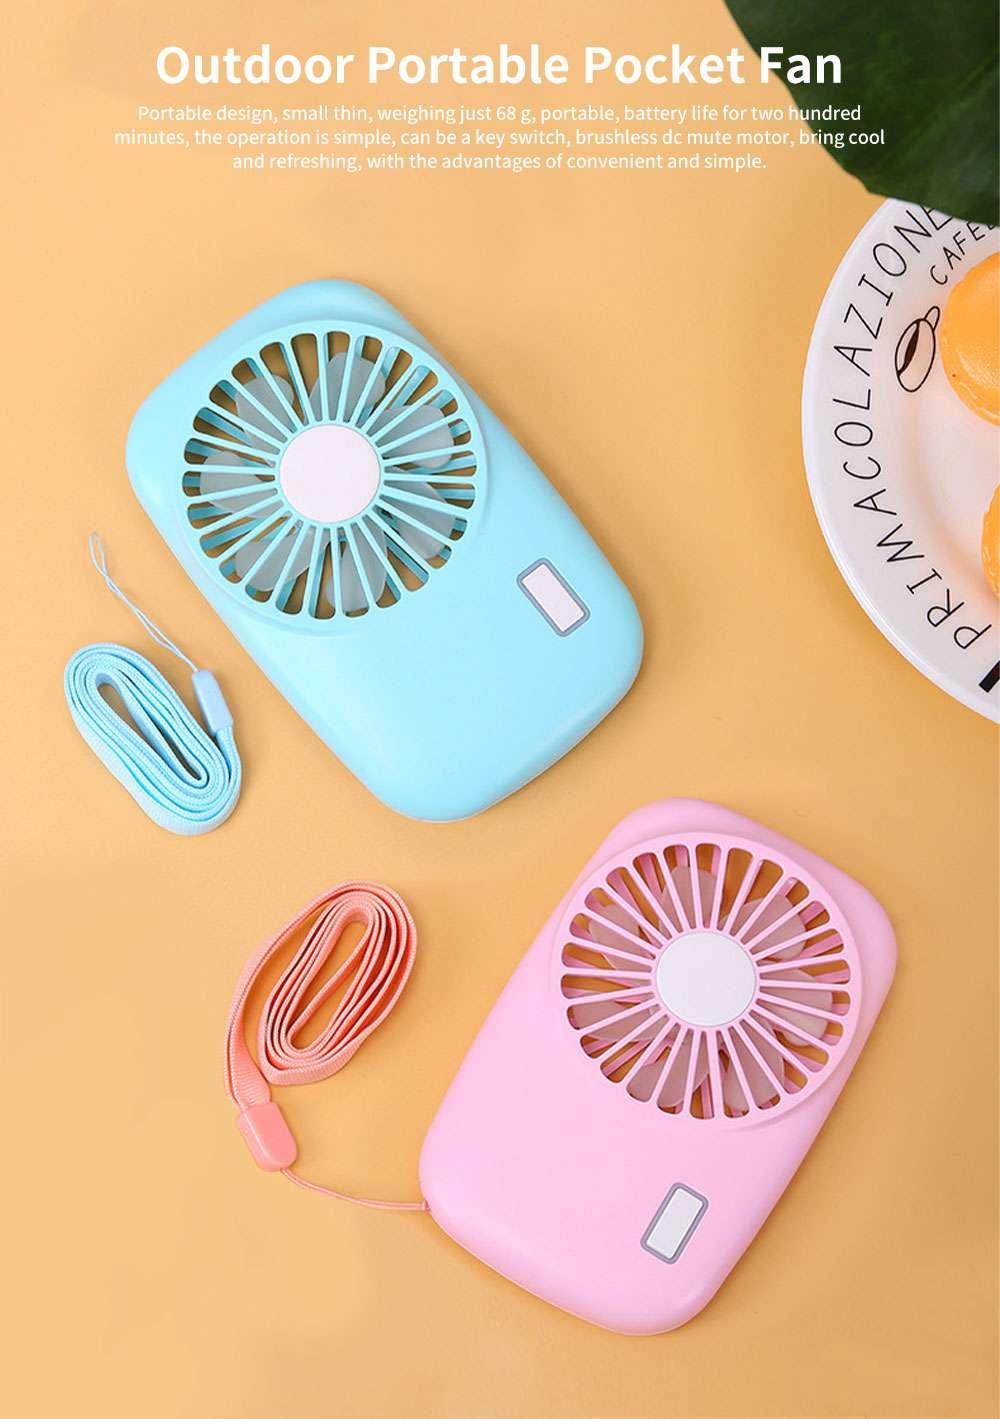 USB Rechargeable Camera Fan, Outdoor Portable Pocket Fan, Ultra-thin Handheld Mini Fan, Silent Compact Fan 0